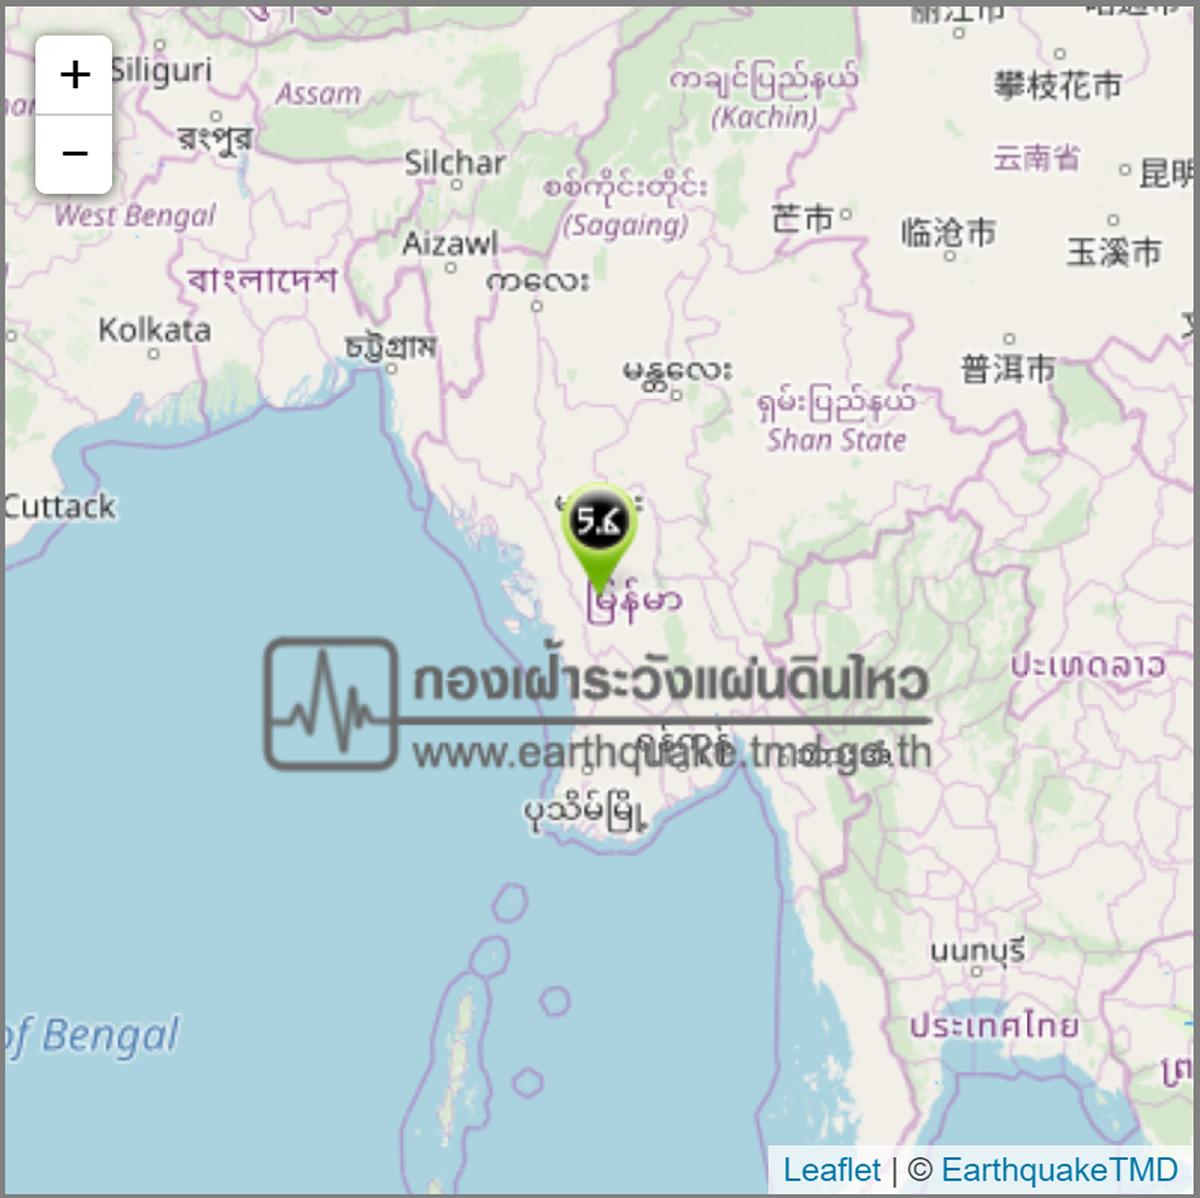 ミャンマーでM5.9の地震発生、震源の深さは15キロ